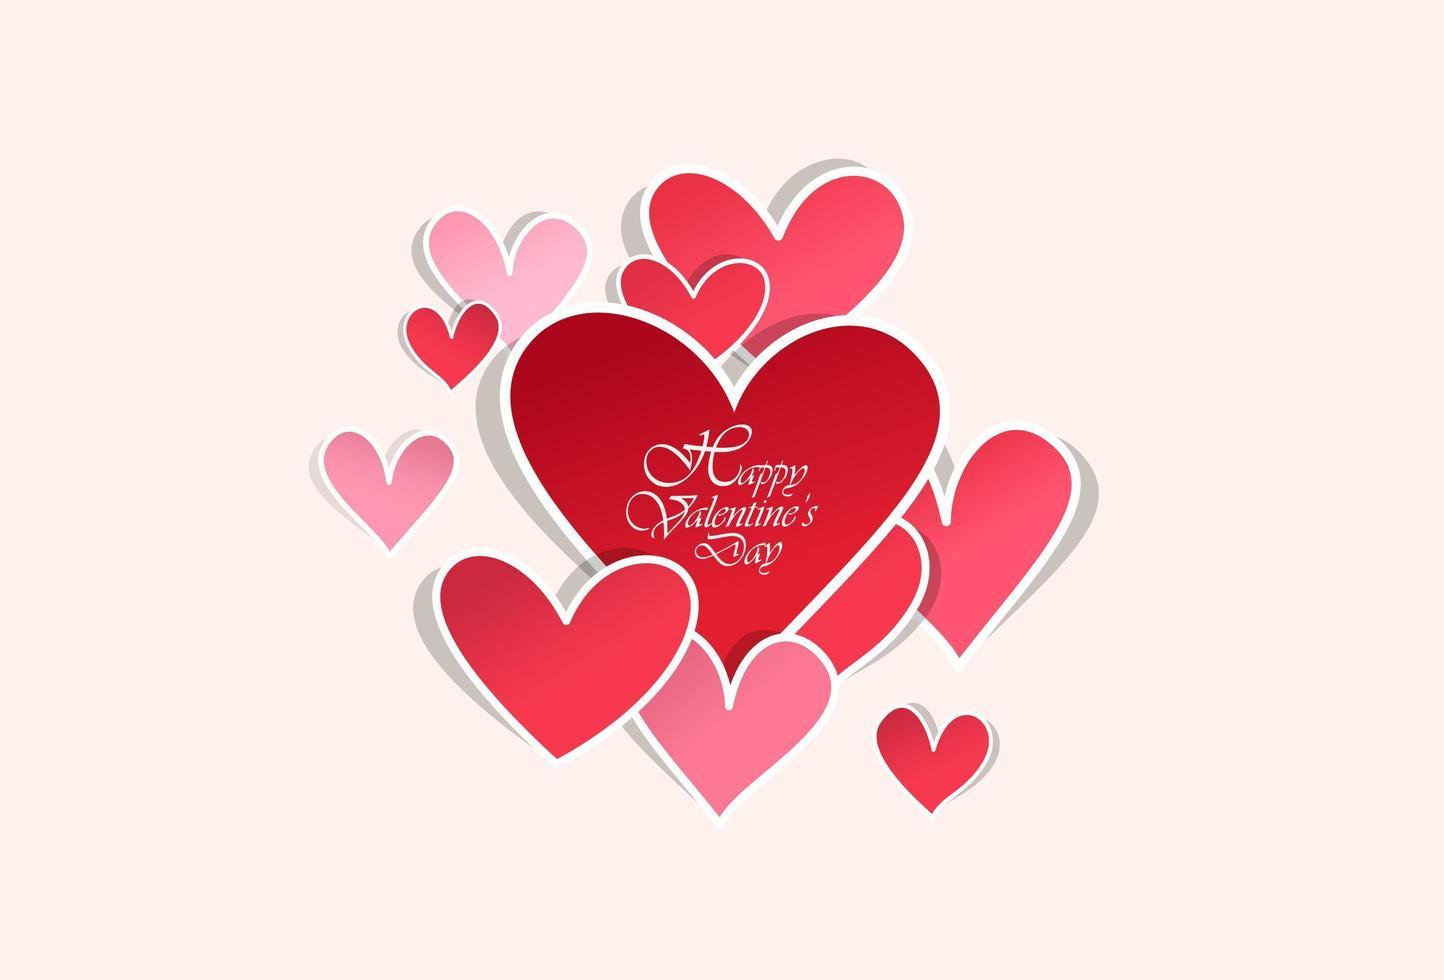 La carta da parati a tema amore ha tante dolci varianti: Carta Da Parati Di San Valentino Con Cuori 1307941 Scarica Immagini Vettoriali Gratis Grafica Vettoriale E Disegno Modelli